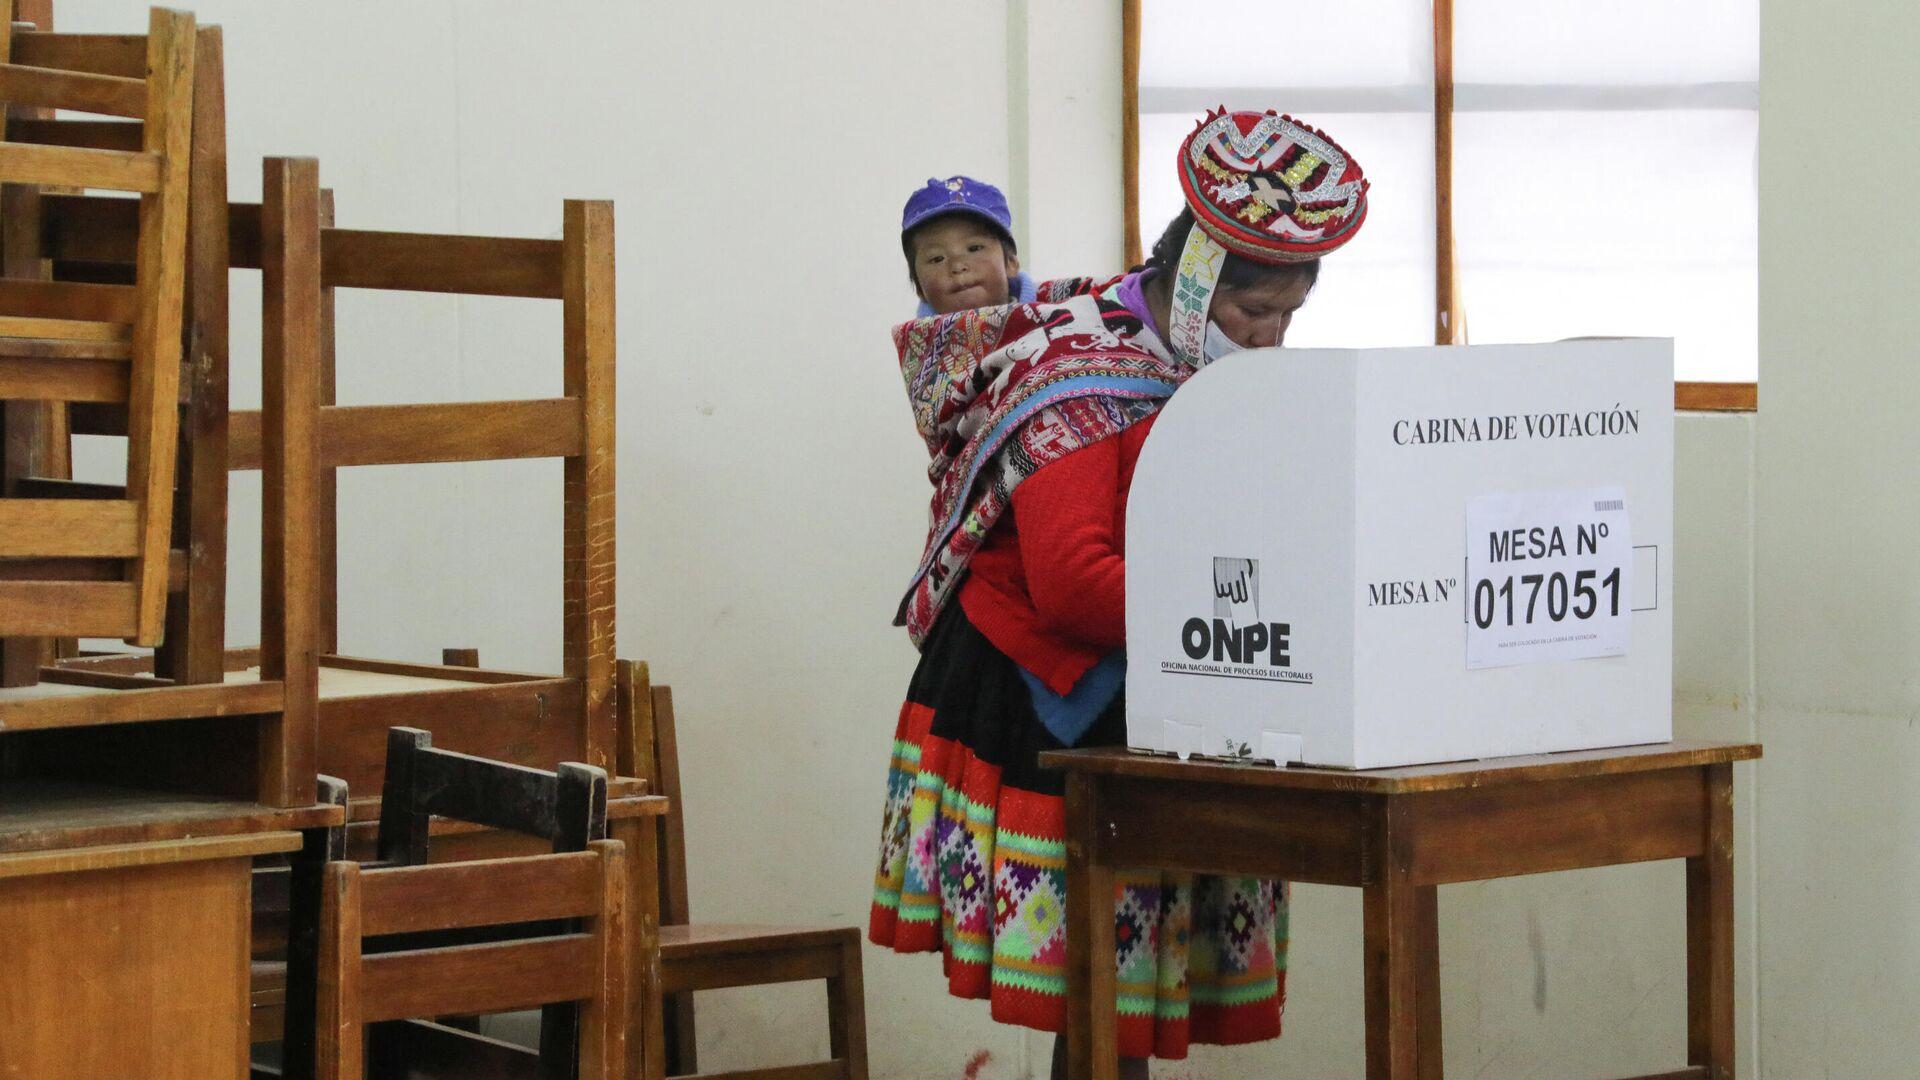 Elecciones presidenciales en Perú - Sputnik Mundo, 1920, 13.07.2021